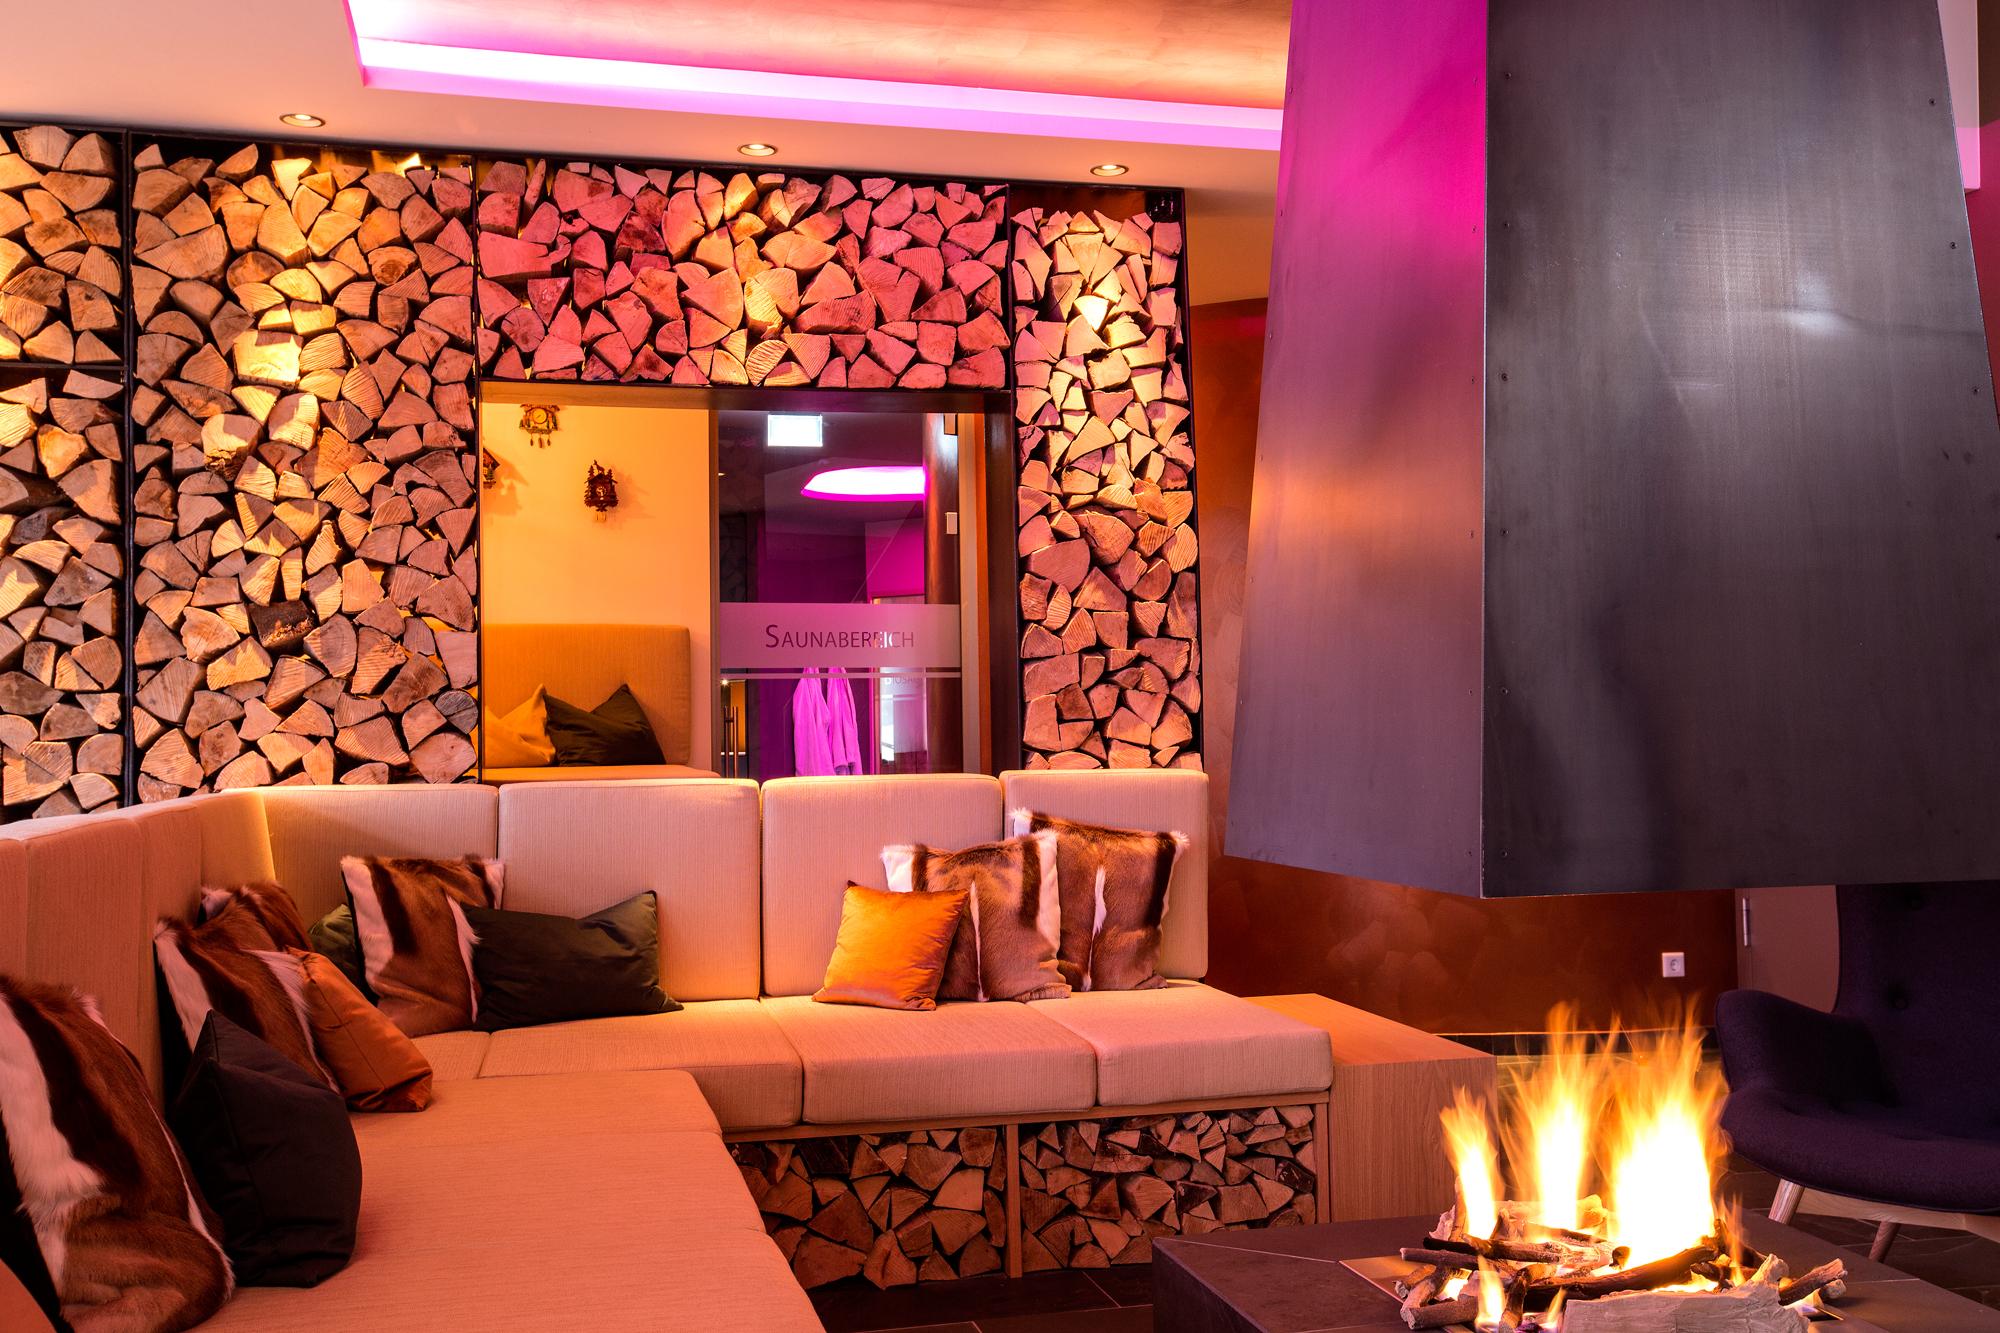 wohltuende wirkung von licht und farben wellness hotels. Black Bedroom Furniture Sets. Home Design Ideas